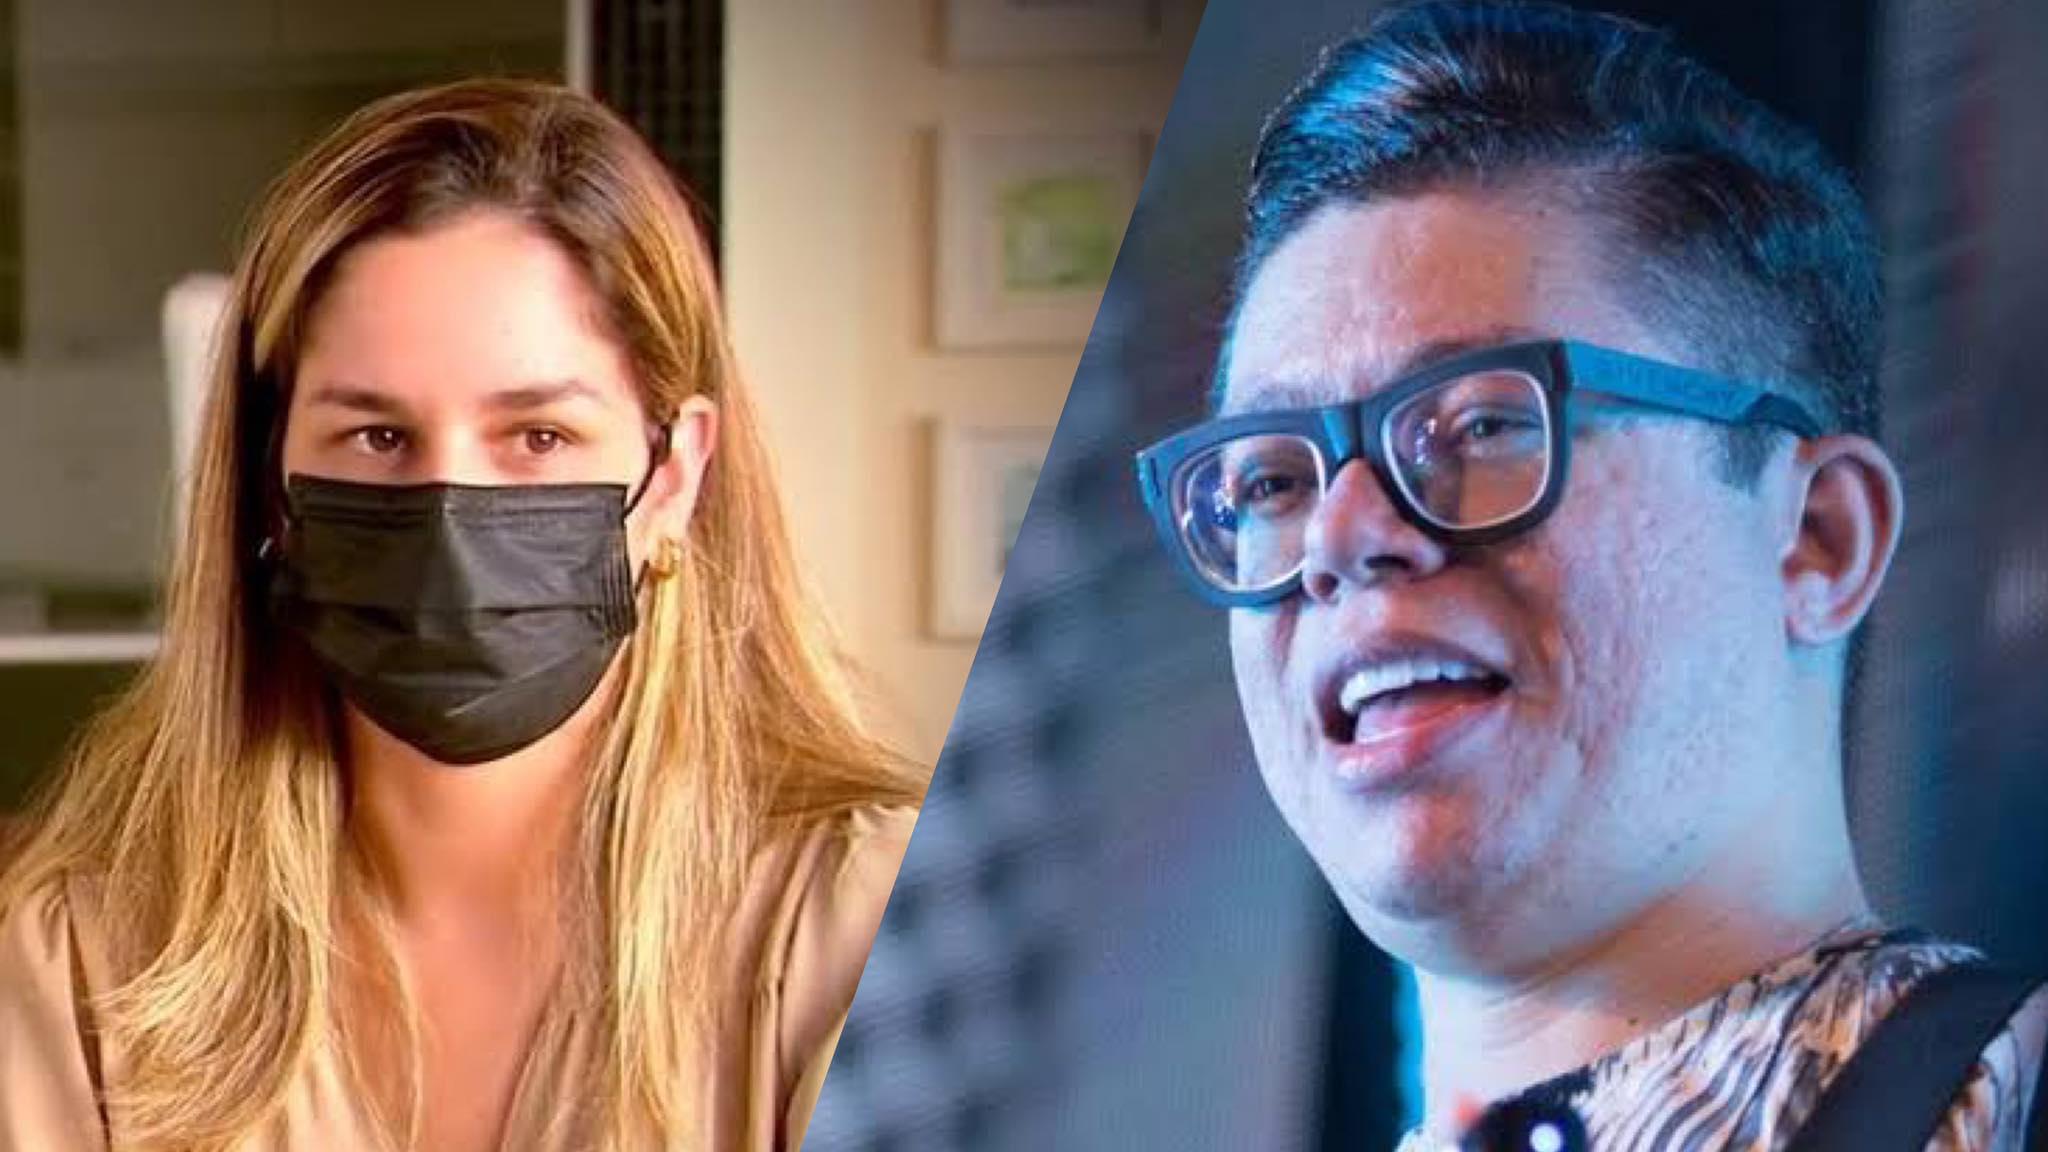 Pamella Holanda relata horrores que passou ao lado de Dj Ivis ao Fantástico. Fonte: Montagem/Fashion Bubbles